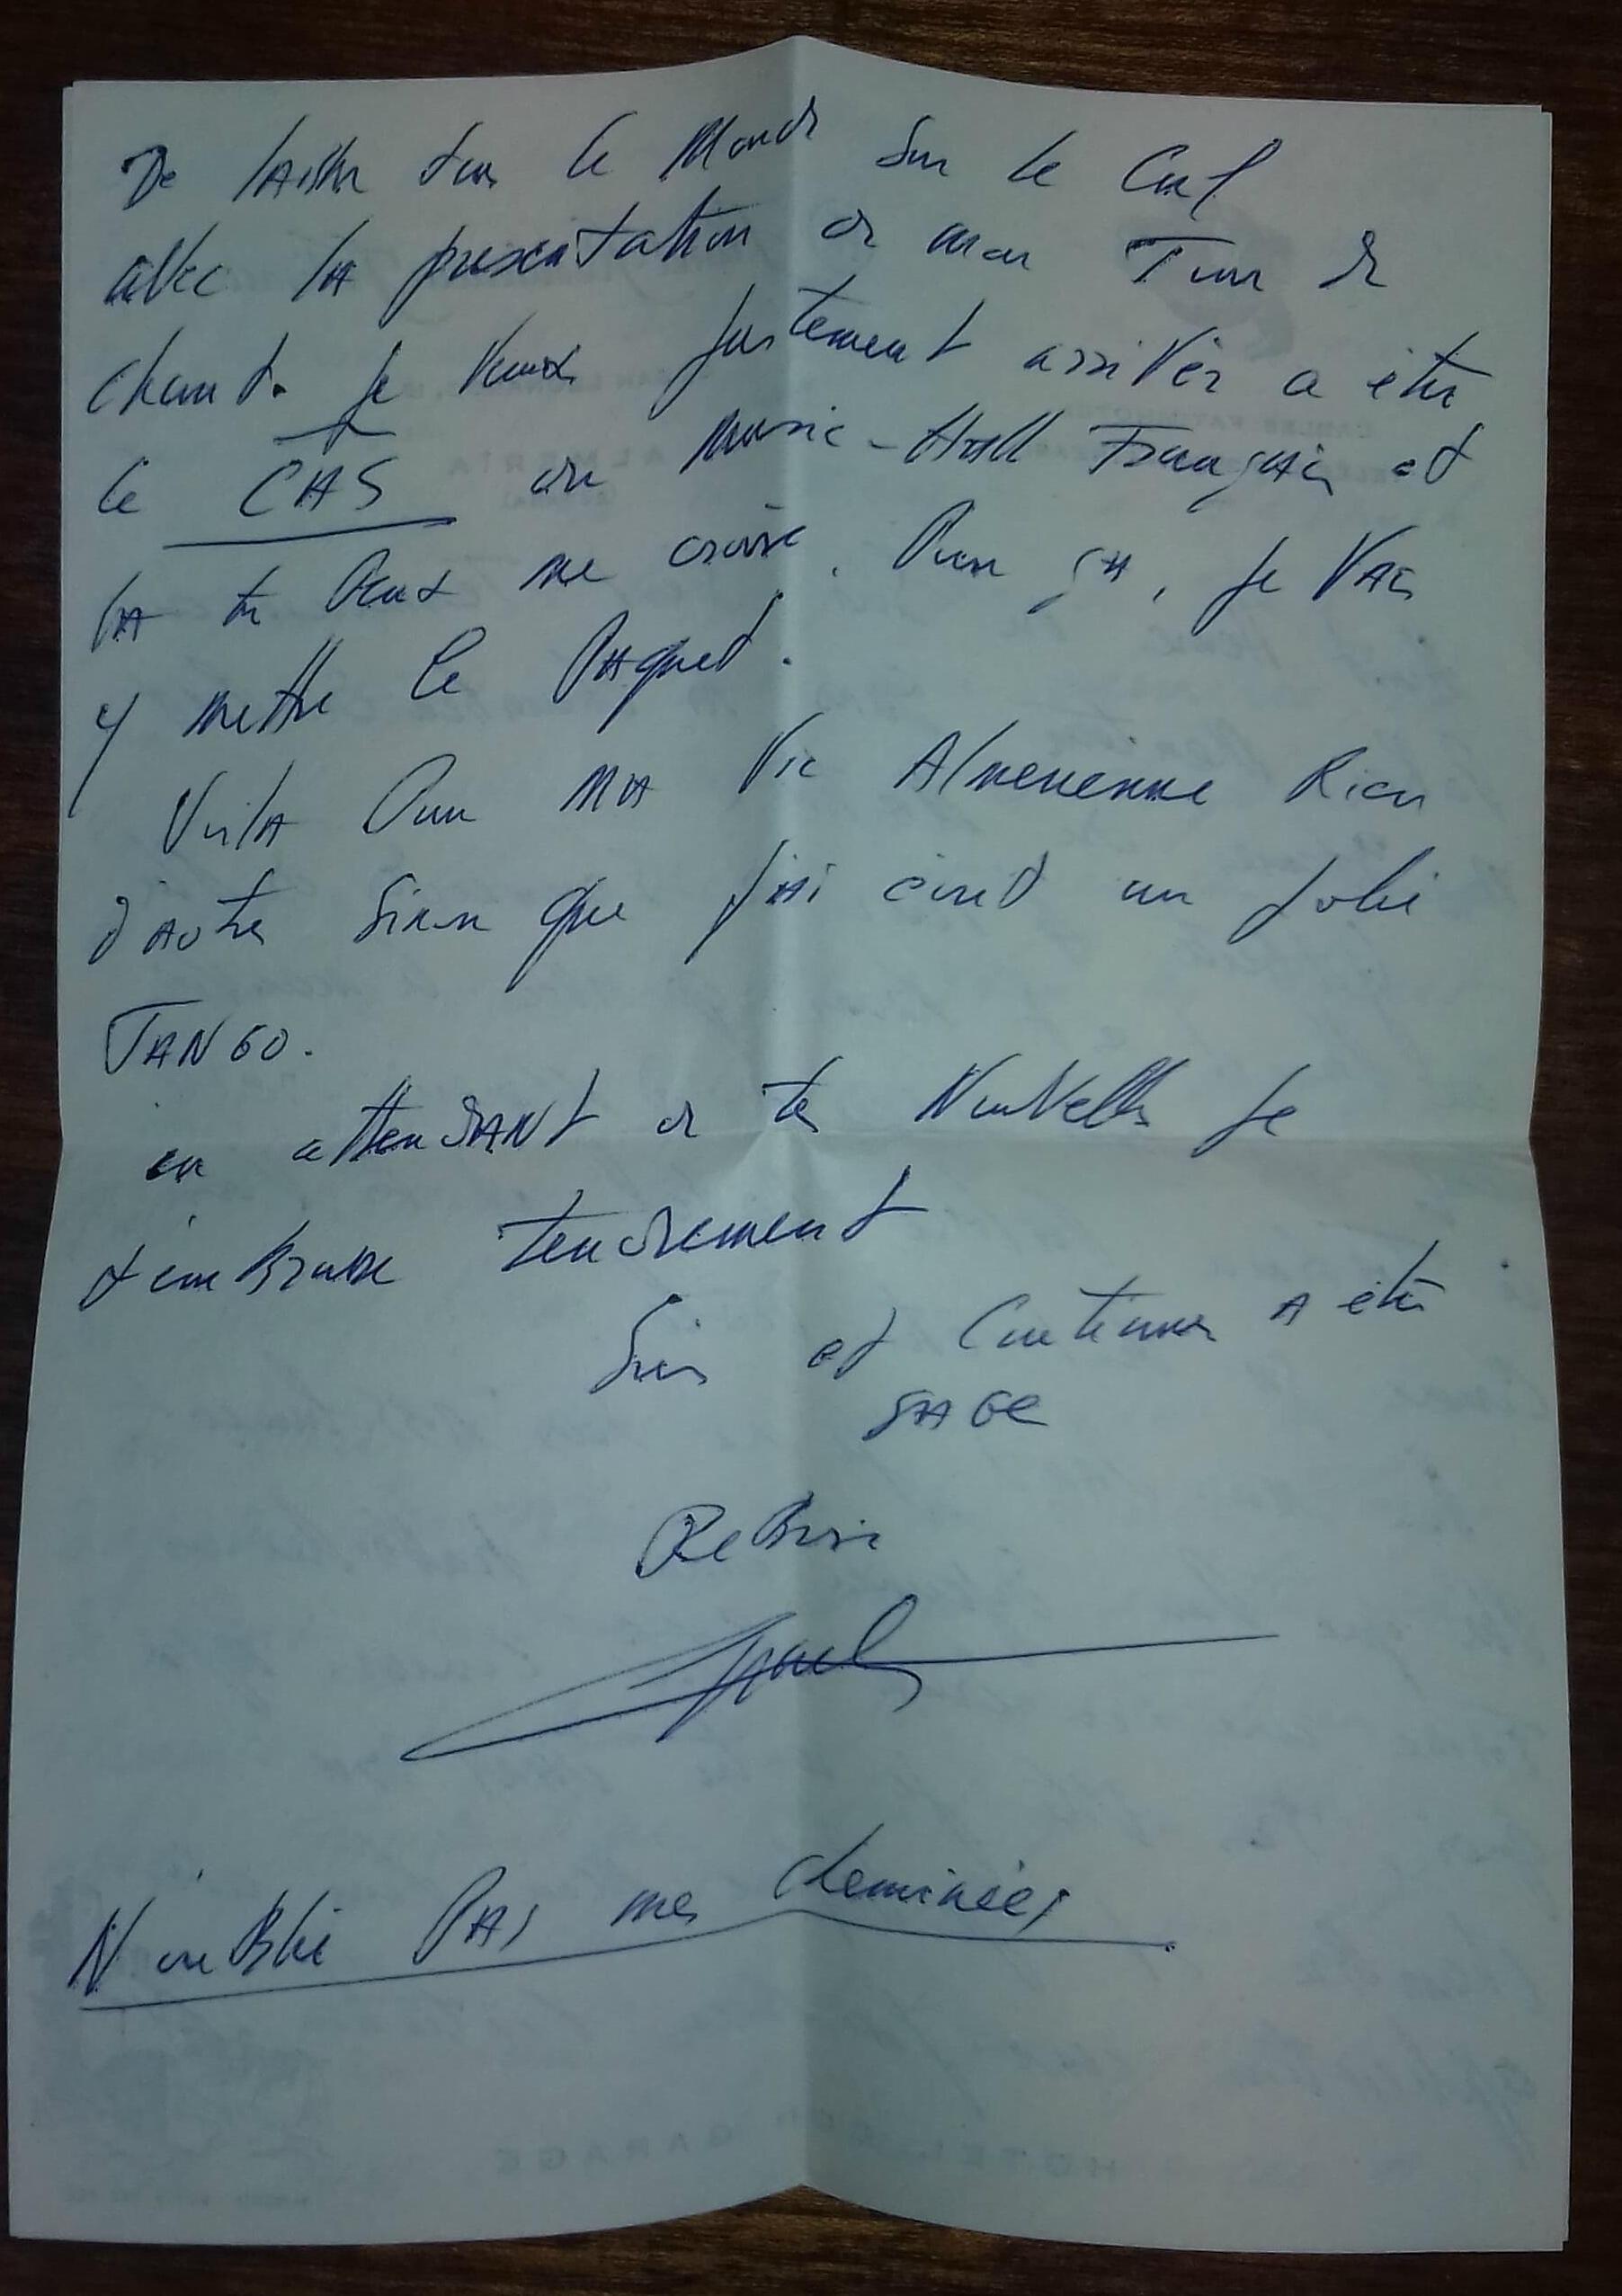 Письмо Шарля Азнавура